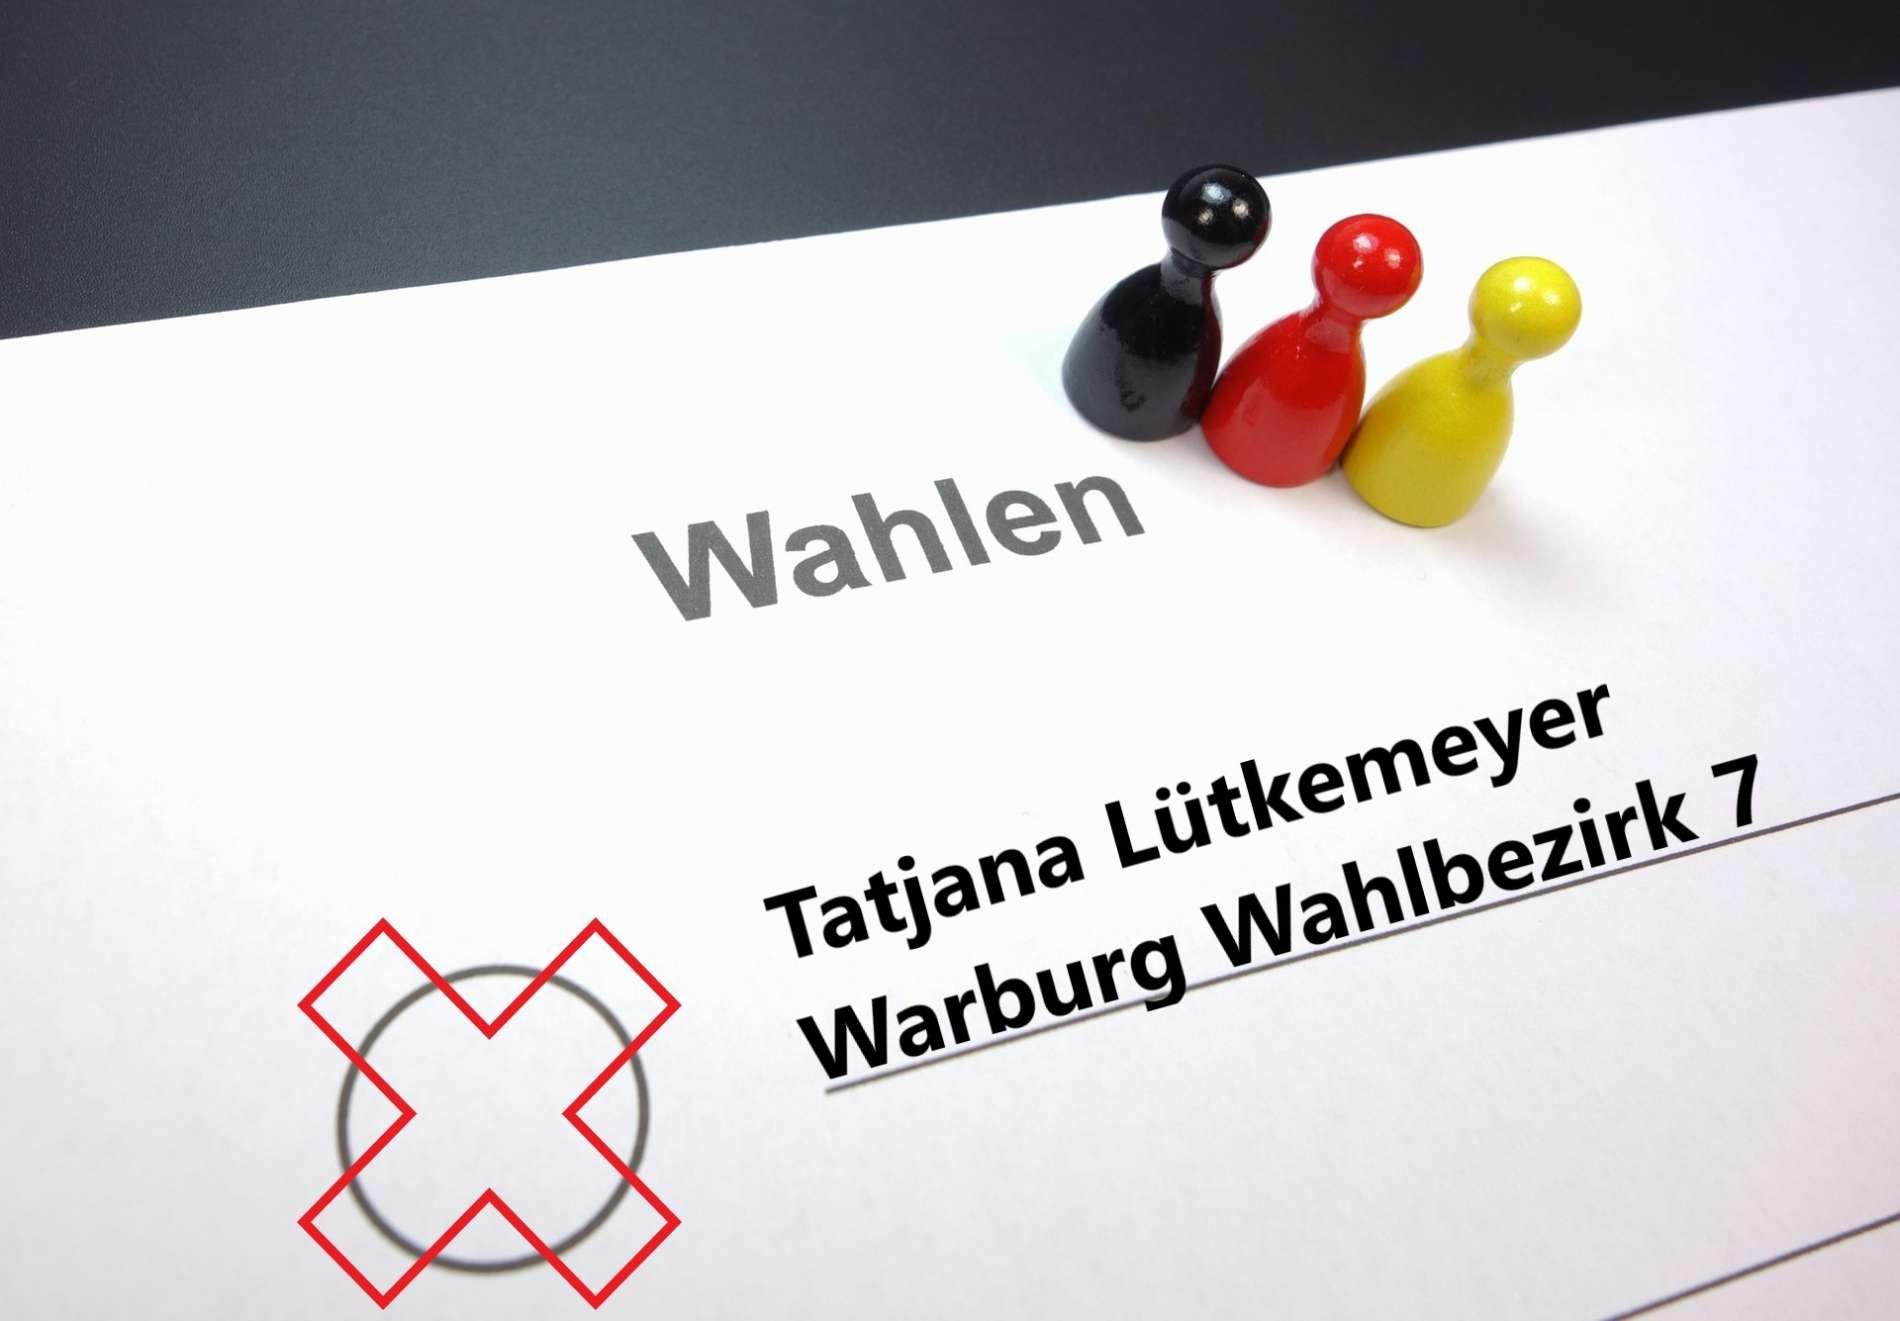 Warburg Wahlen: Tatjana Lütkemeyer Wahlbezirk 7